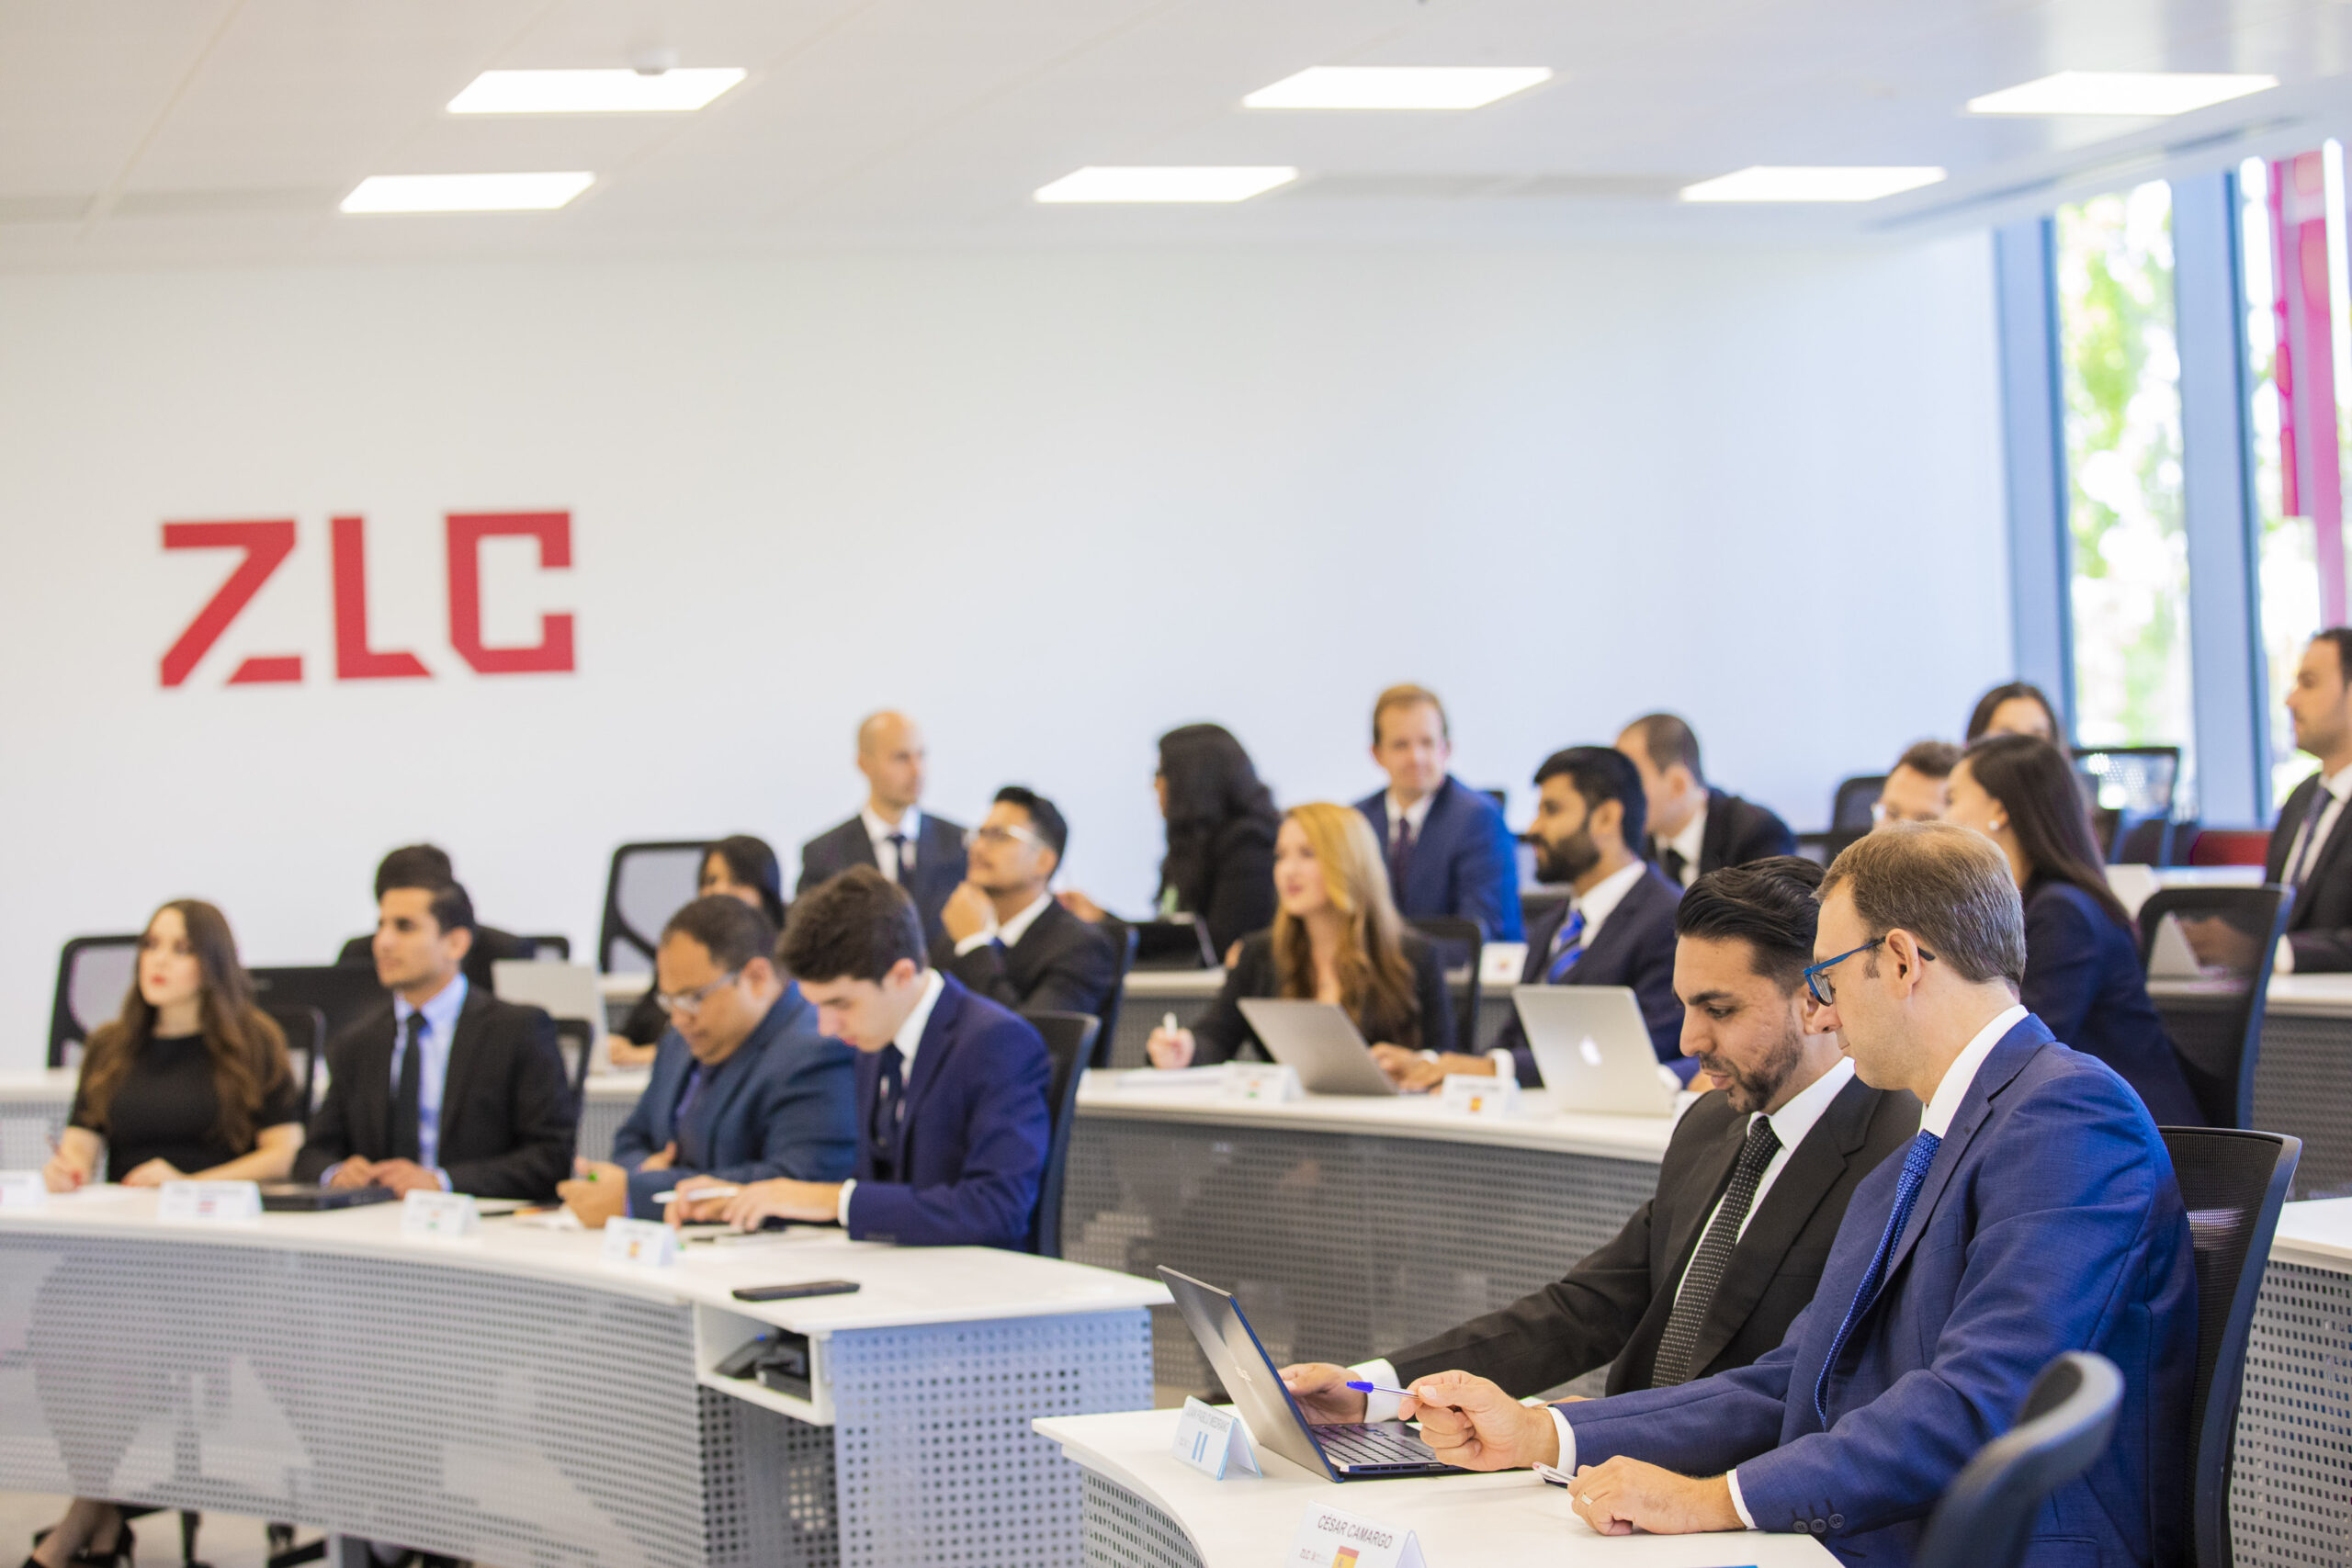 ZLC encabeza, un año más, la categoría de másteres de logística